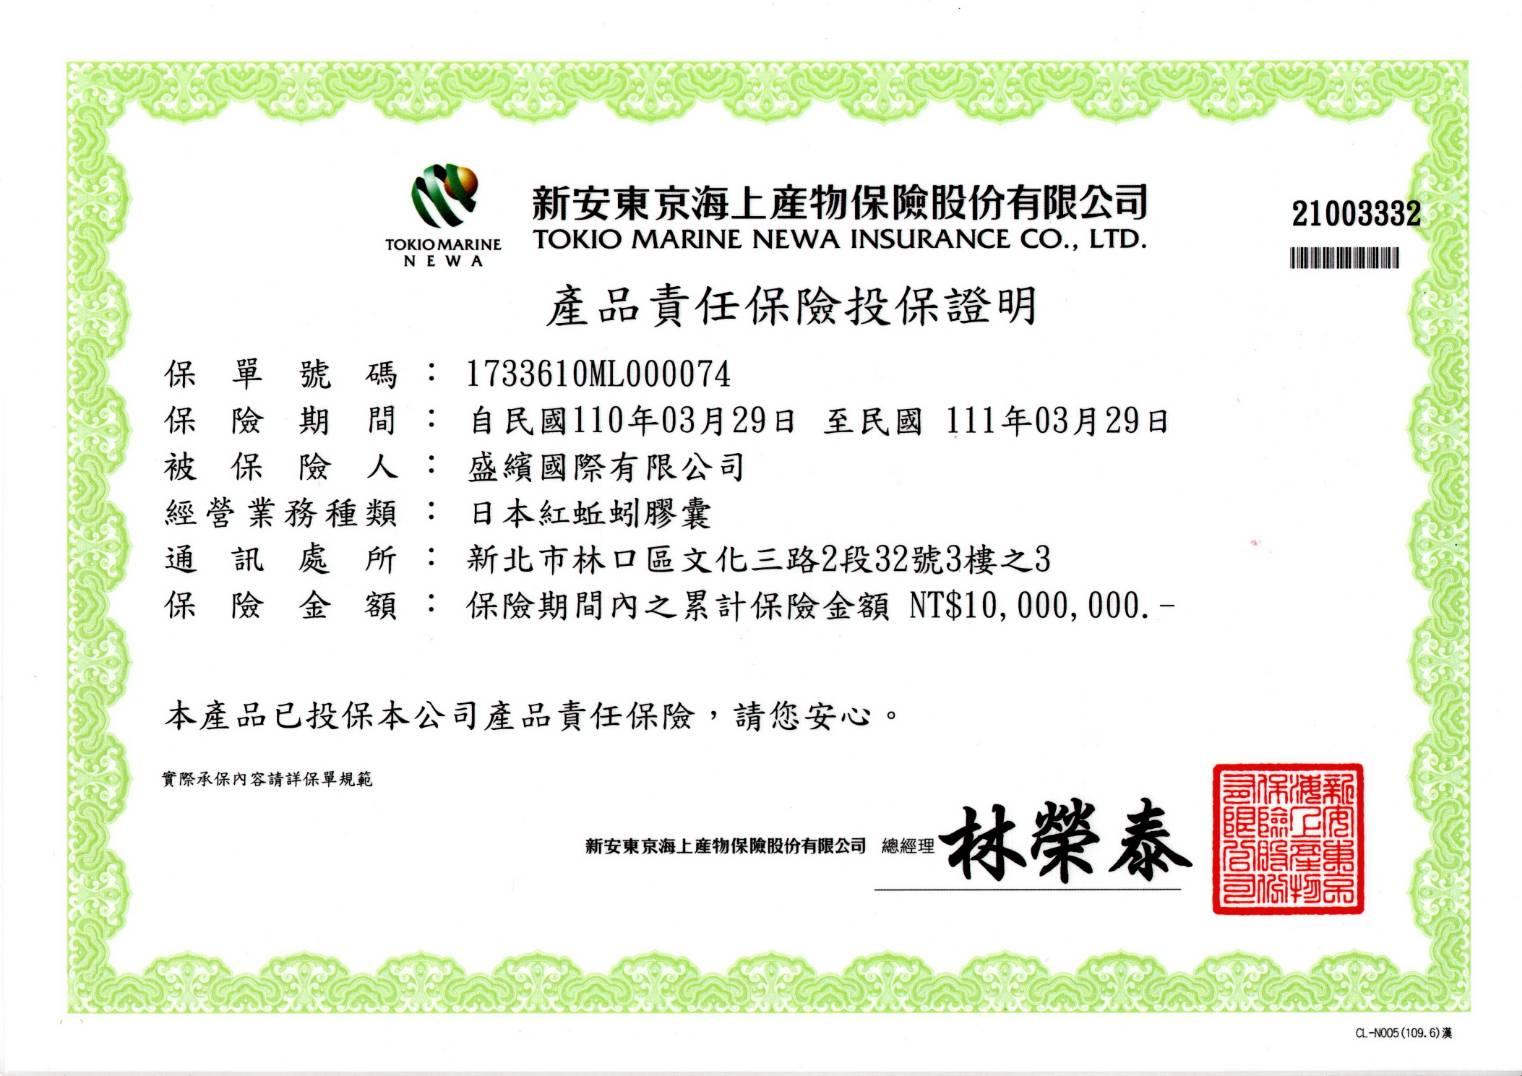 日本紅蚯蚓膠囊_產品責任保險